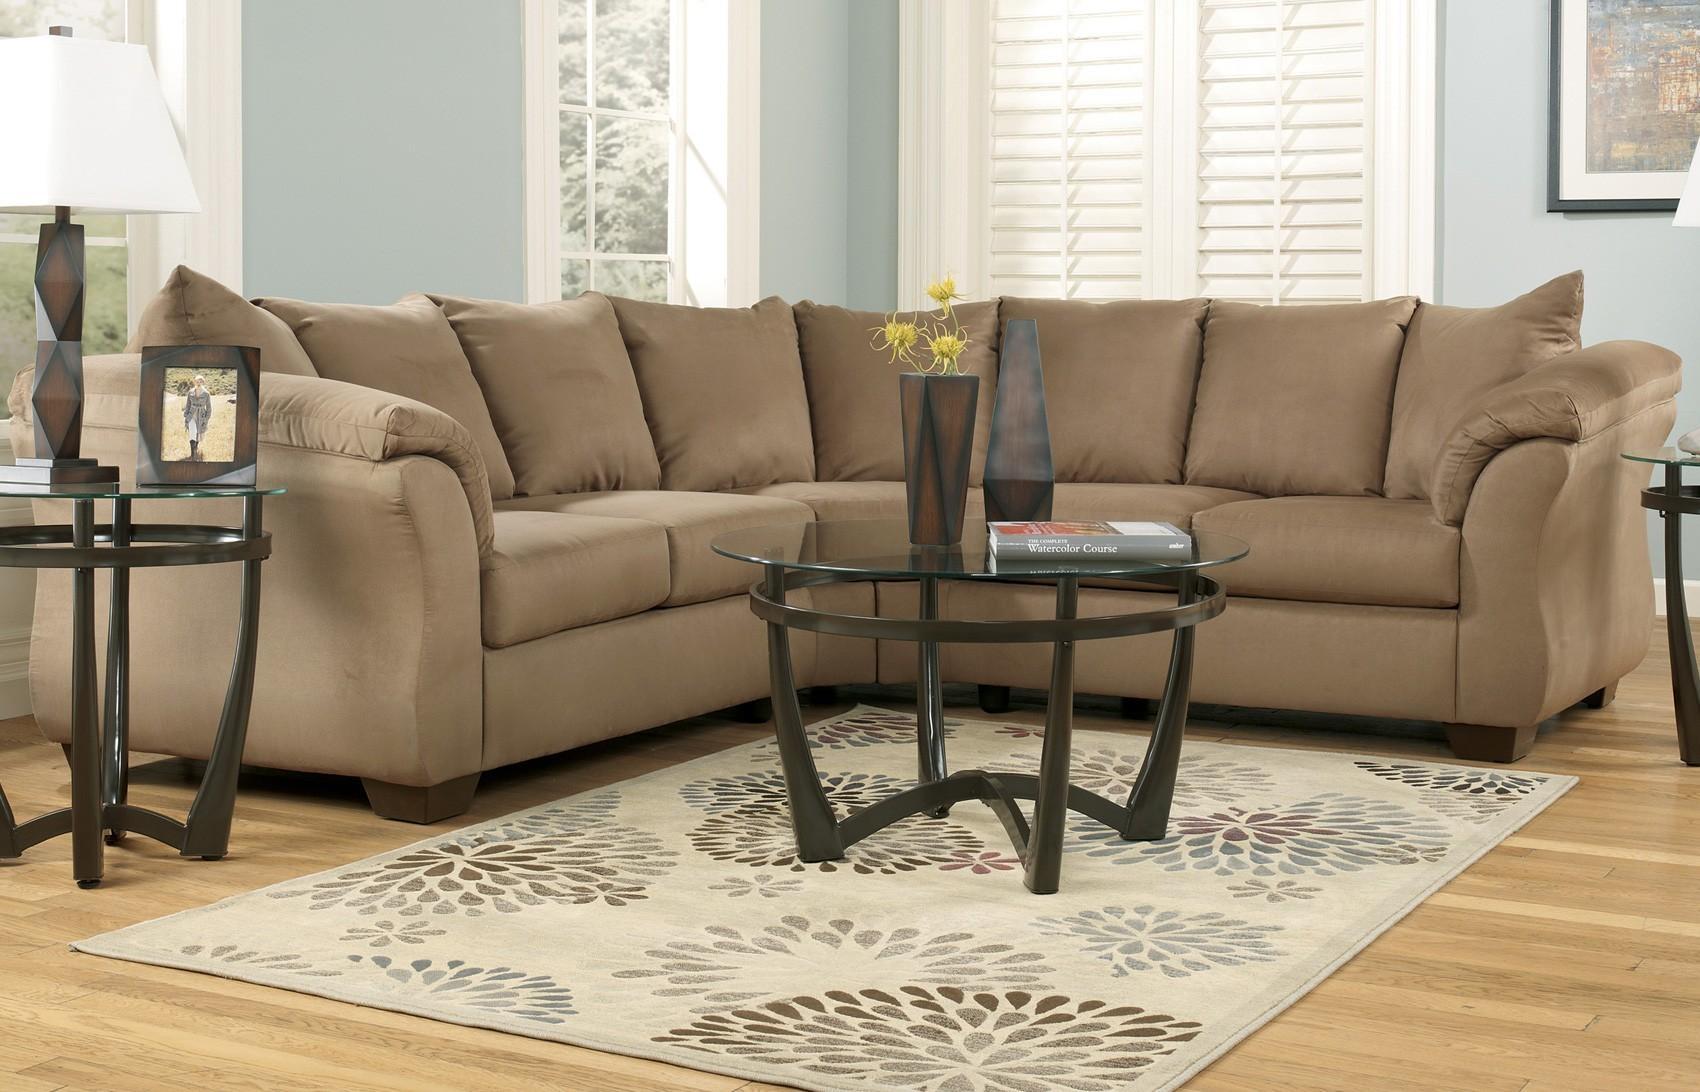 sectional sofas ashley furniture san antonio texas 15 photos grenada sofa ideas